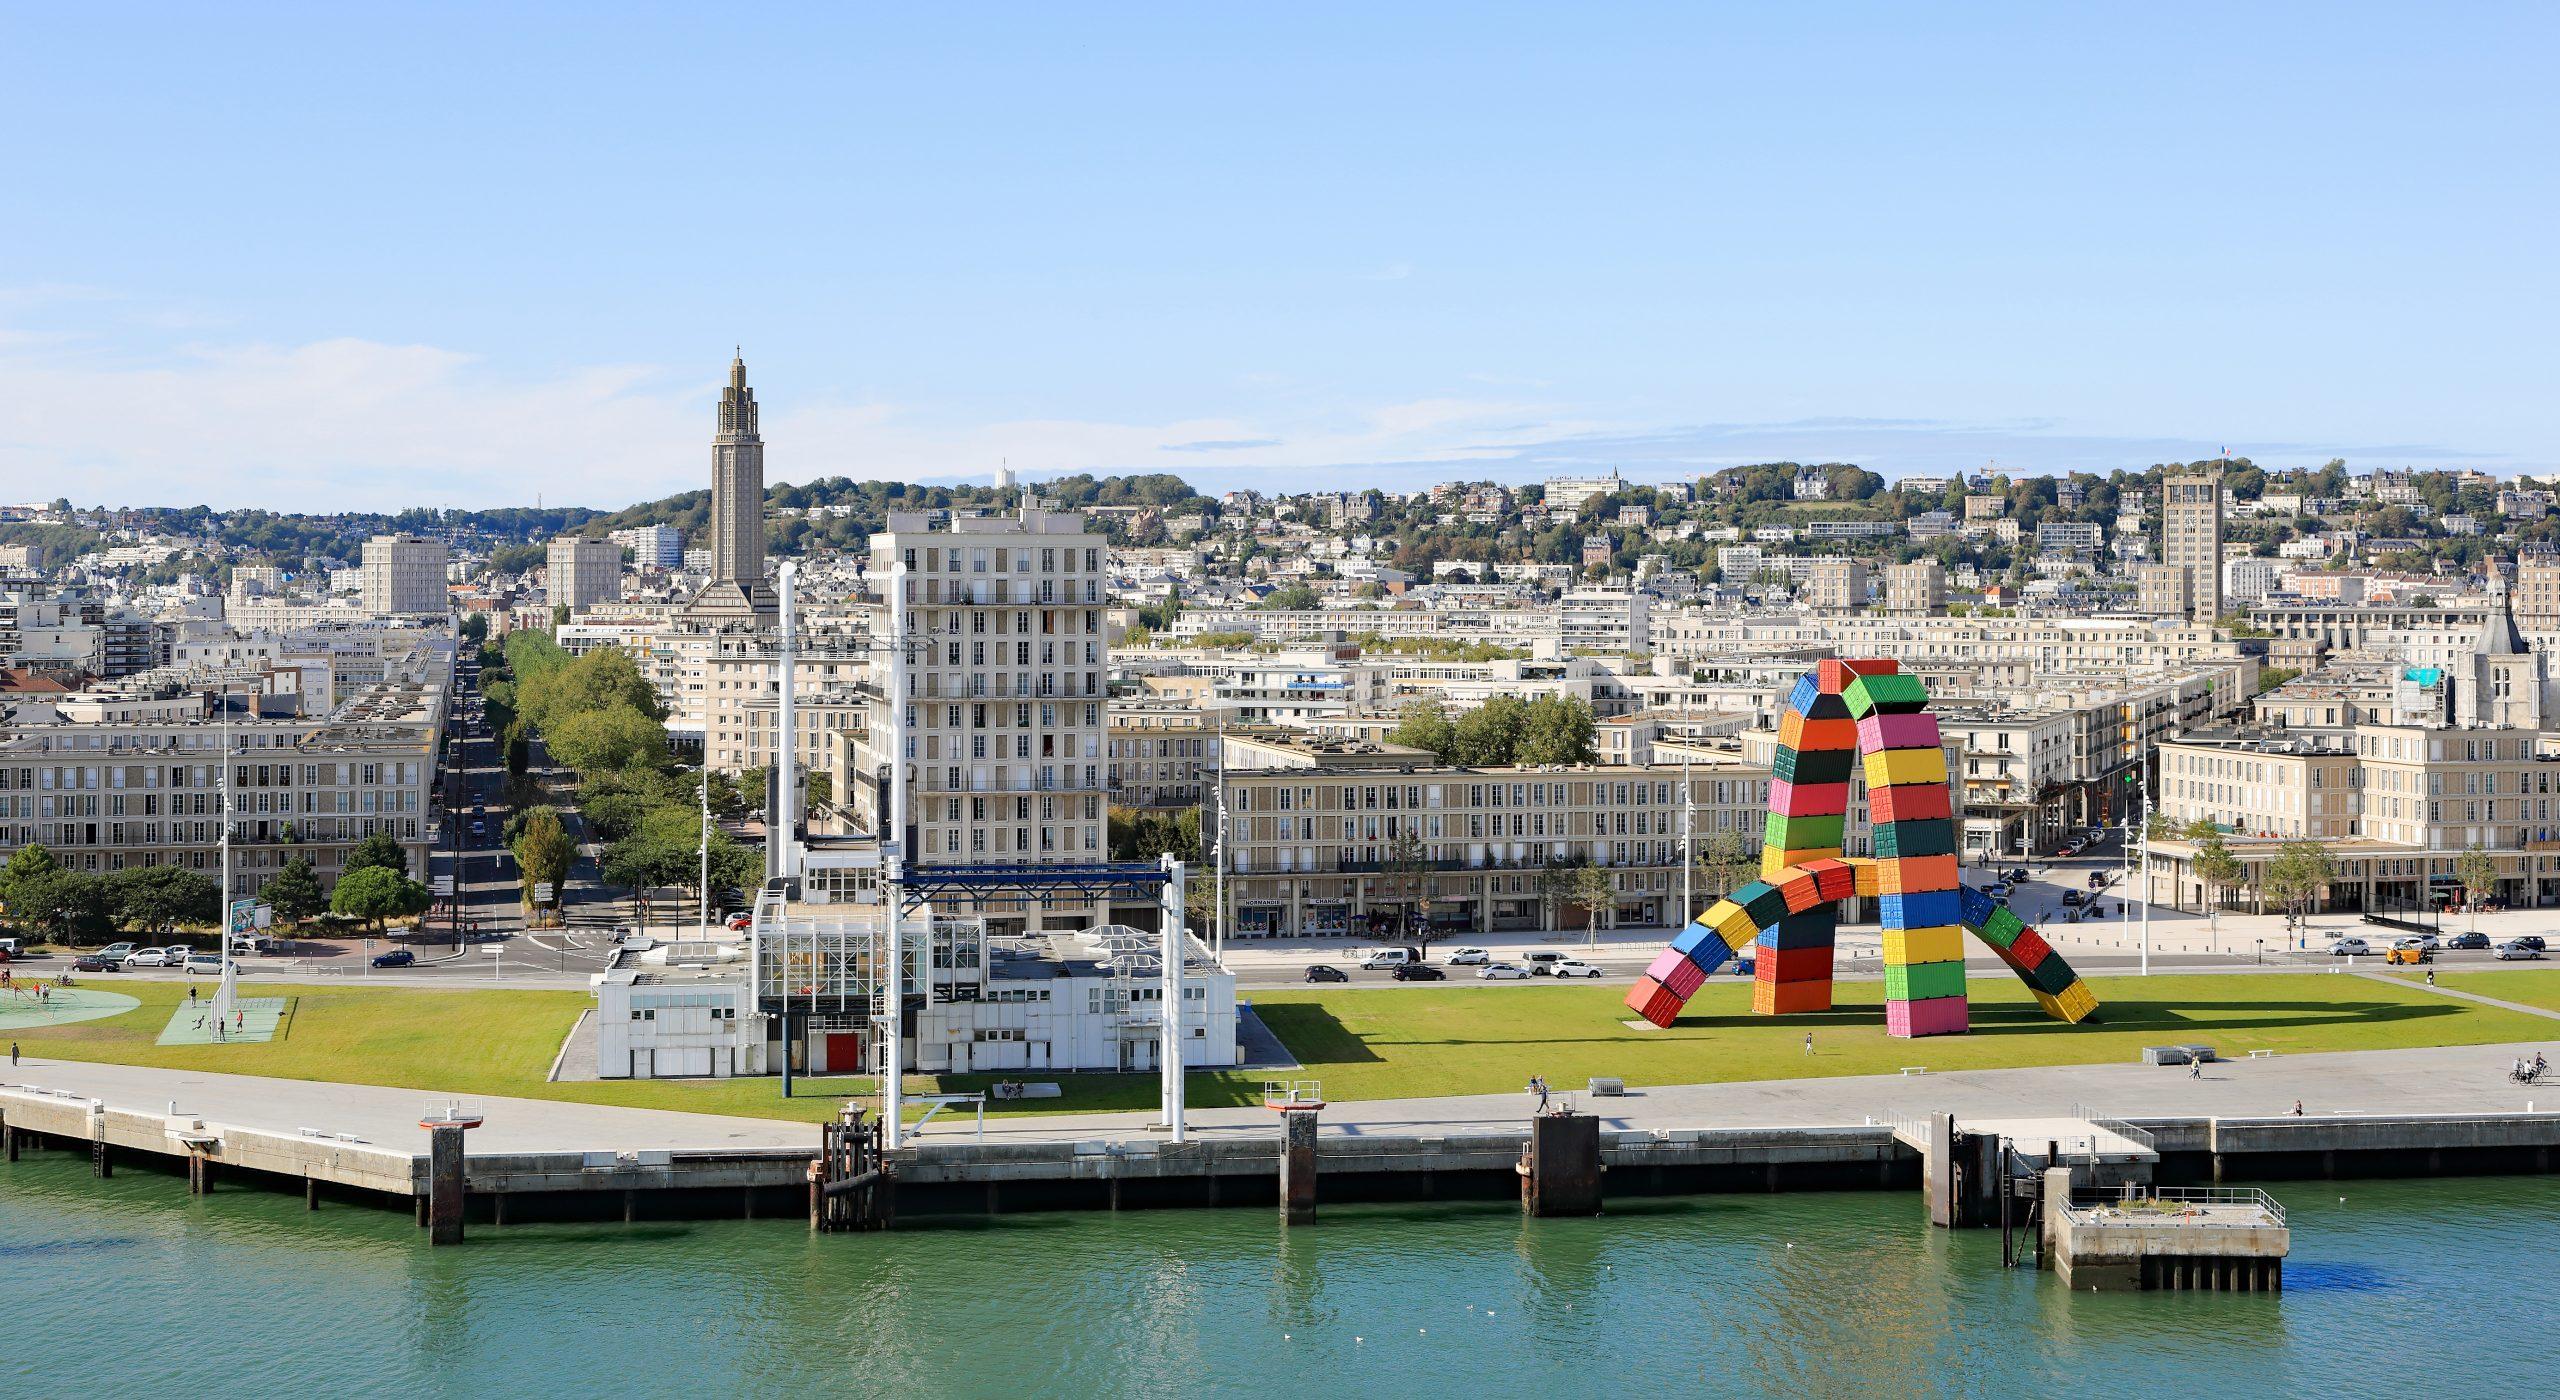 Le Havre - Wikipedia intérieur Piscine Canteleu